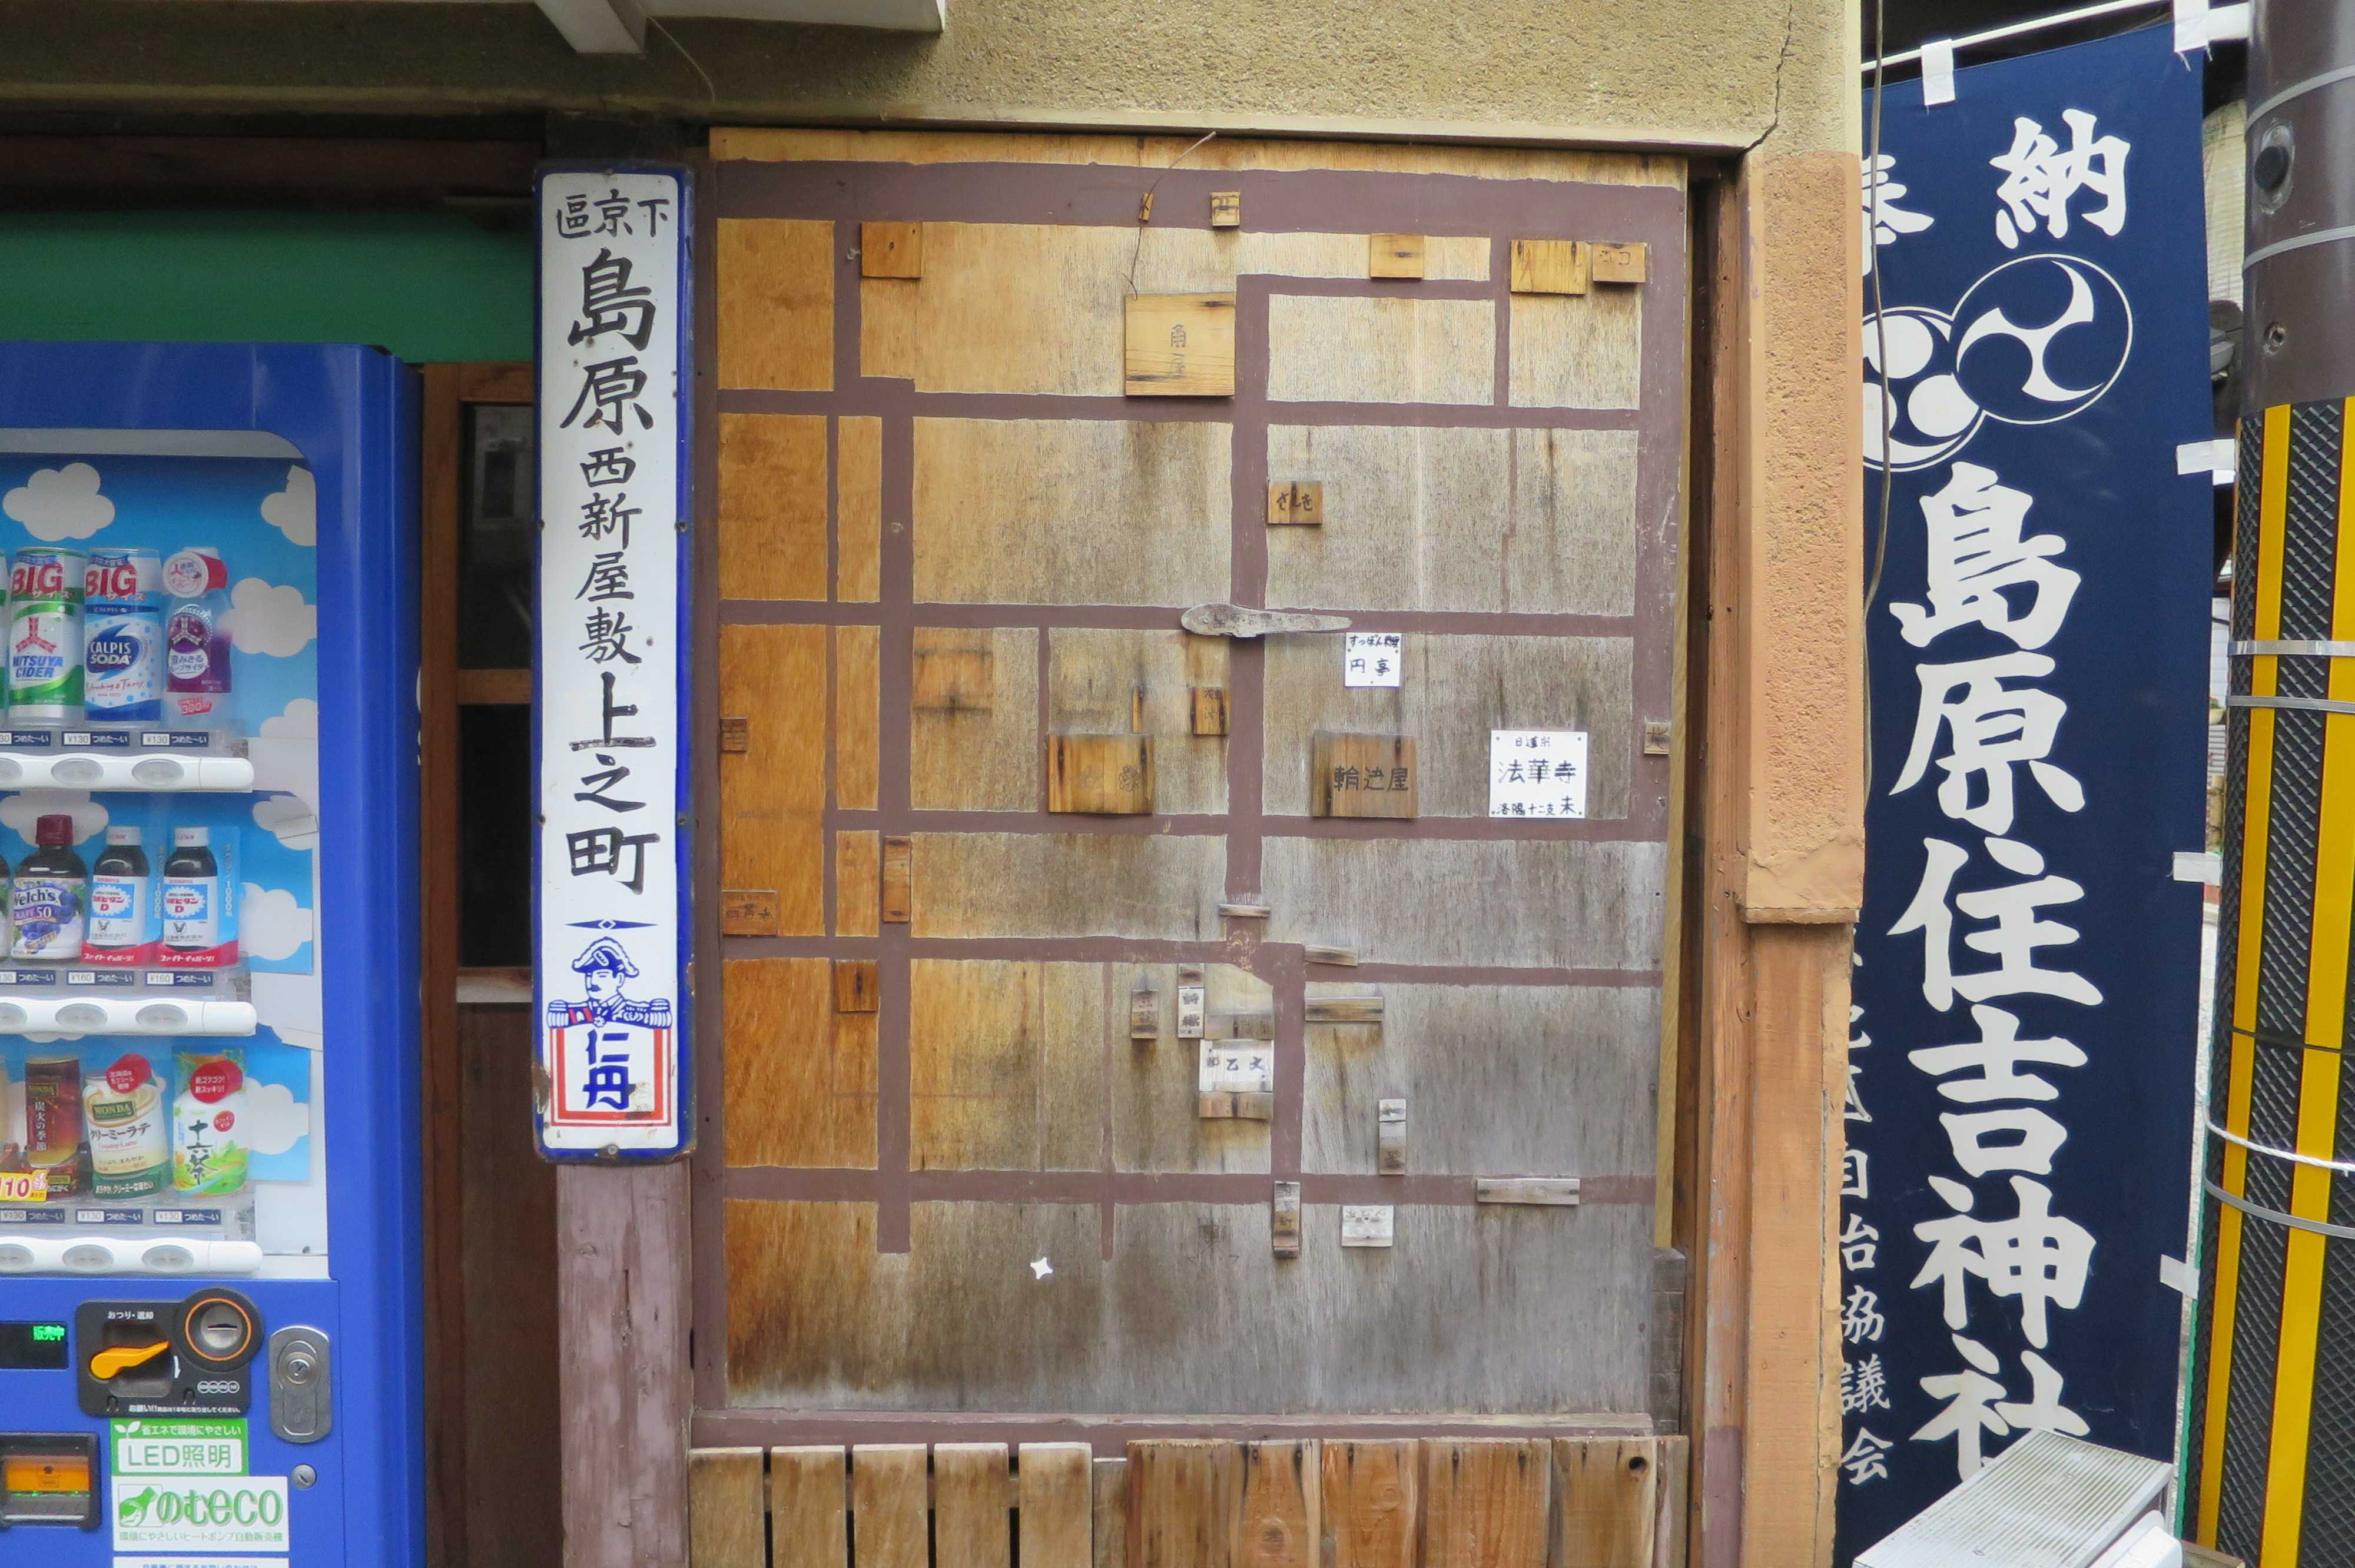 京都 - 島原大門真横の古い地図